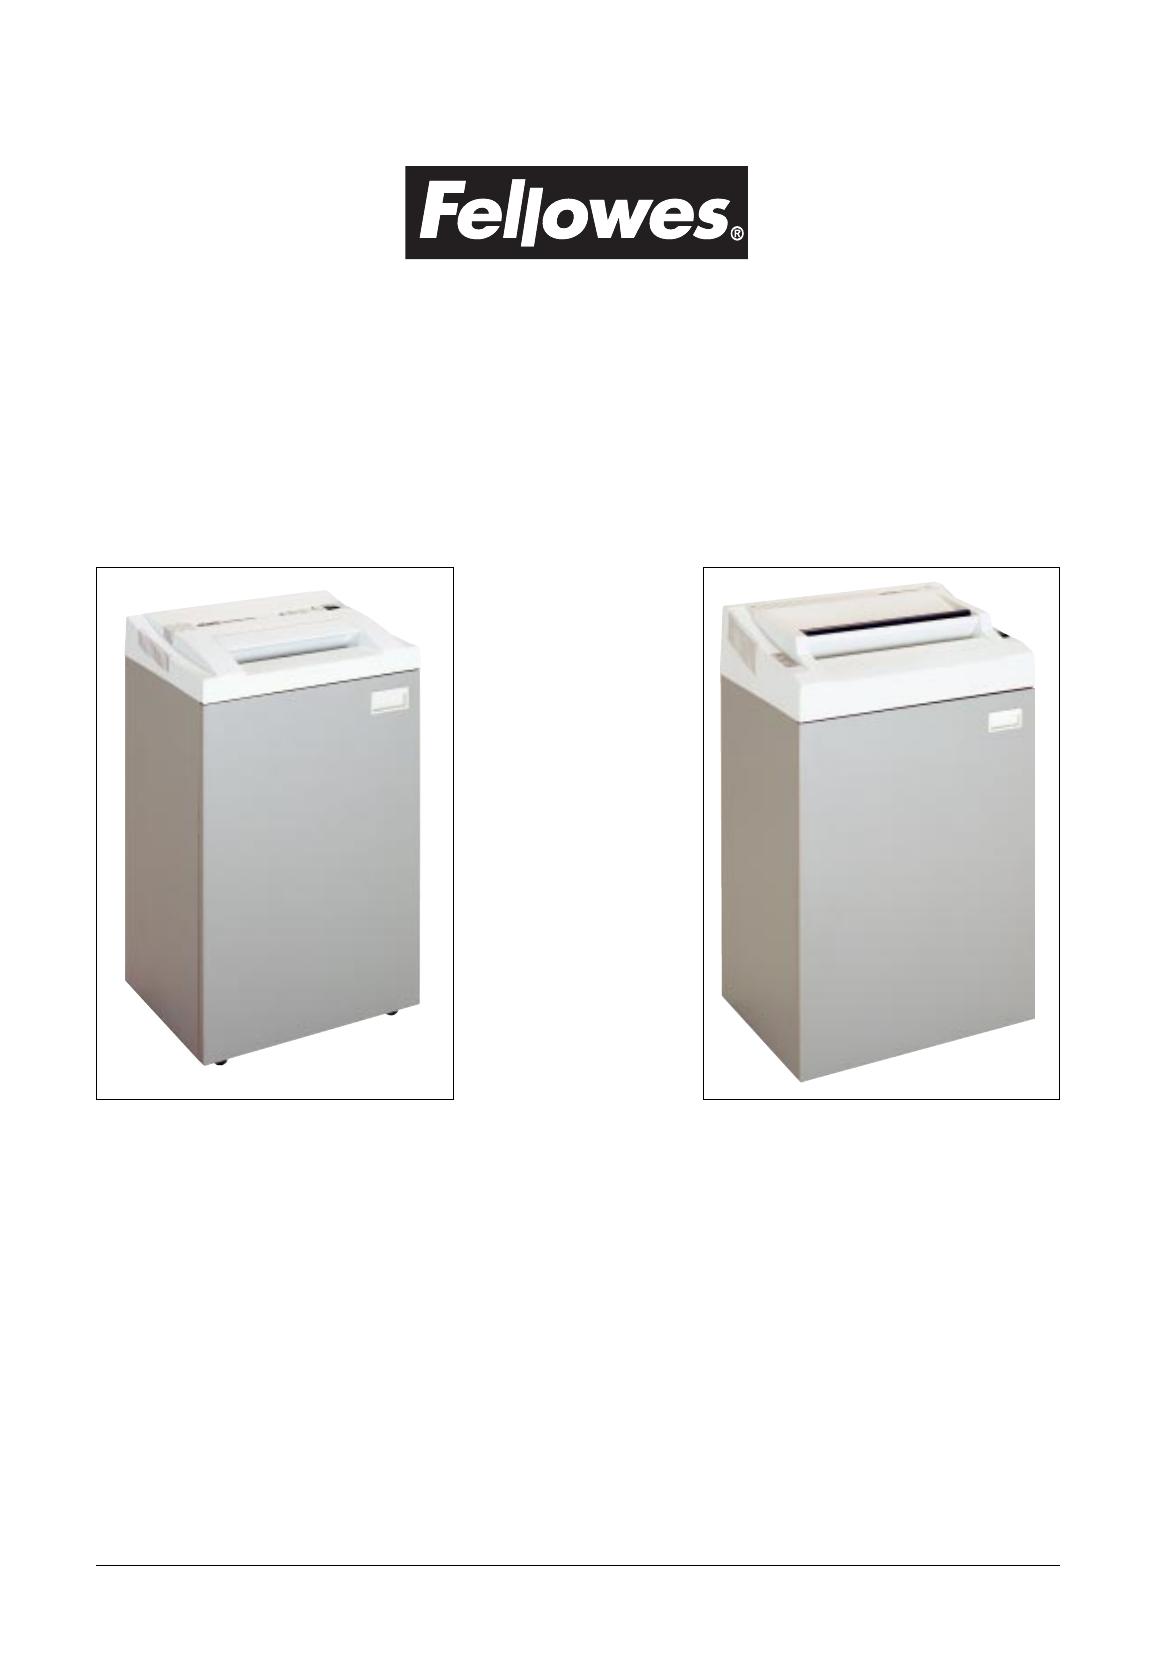 fellowes paper shredder 320 320c user guide manualsonline com rh office manualsonline com